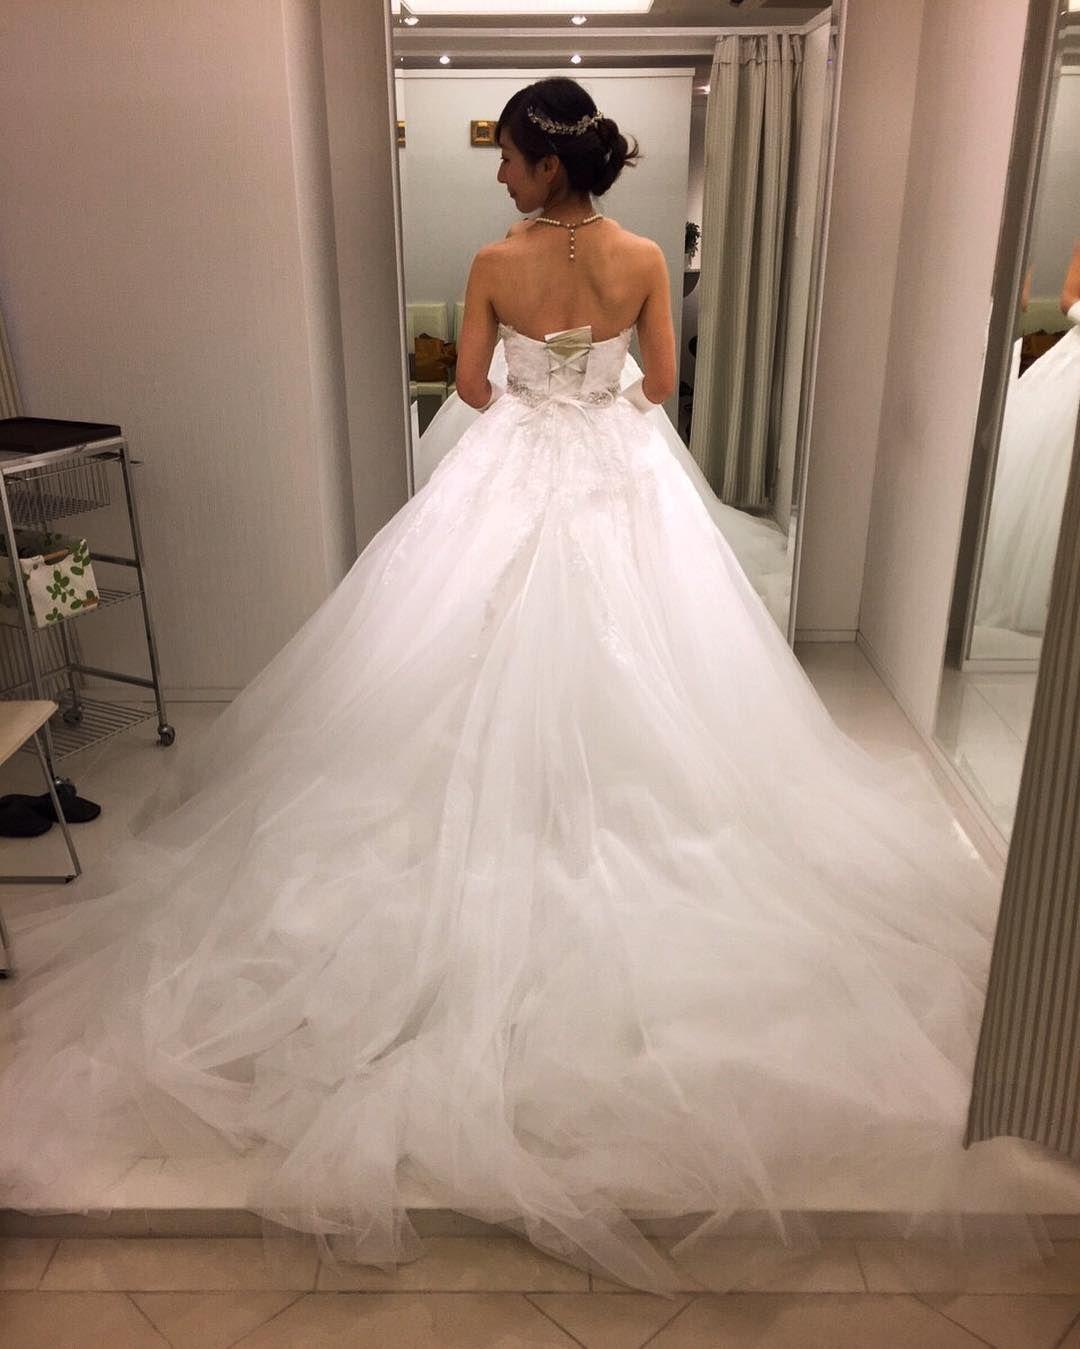 dc864139a8ba3 チュールの広がる後ろ姿が素敵なドレスやった ウェディングドレスにこんなに種類が